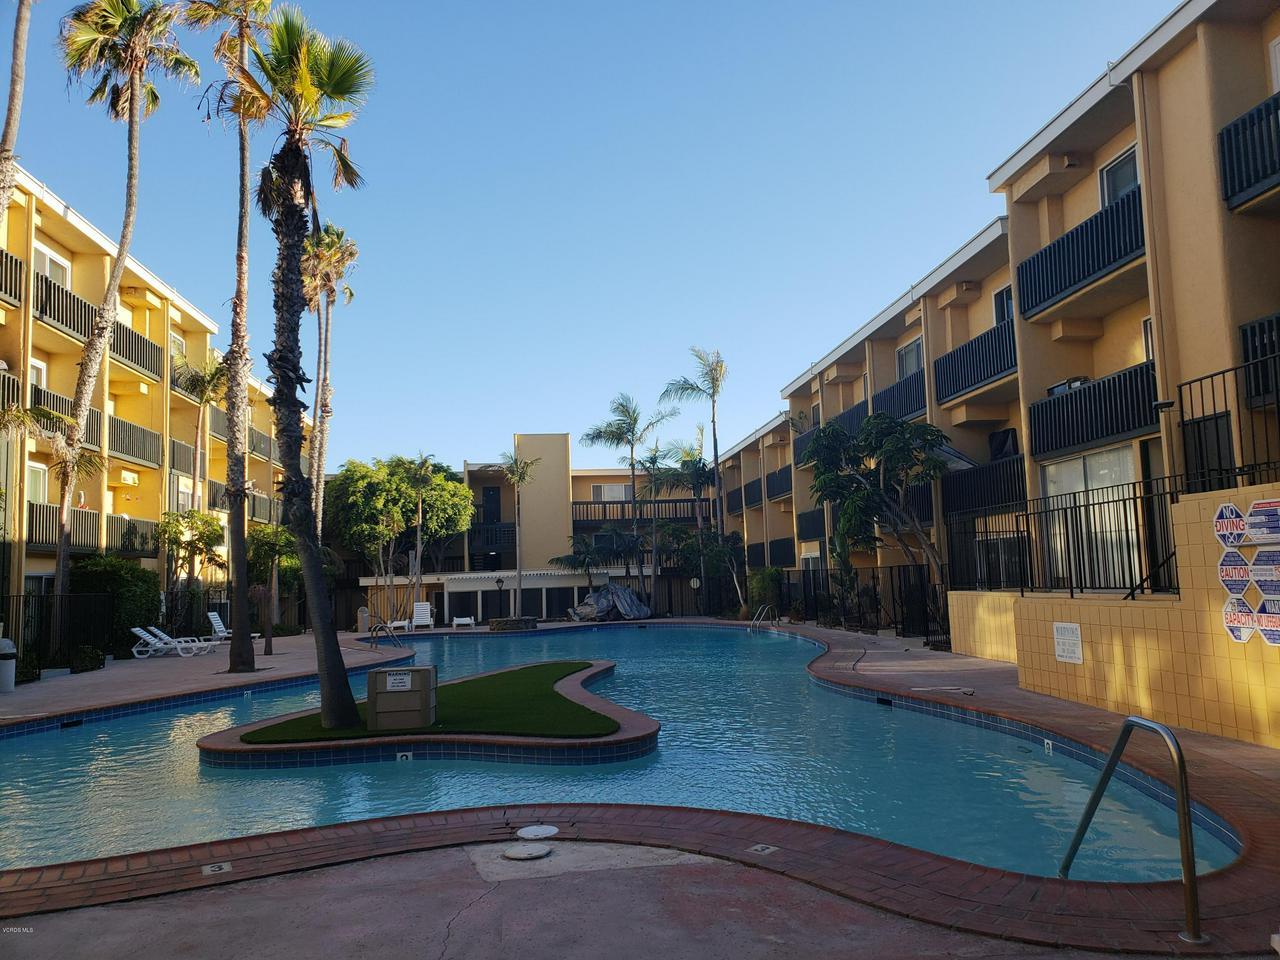 770 IMPERIAL, El Segundo, CA 90245 - Pool 3